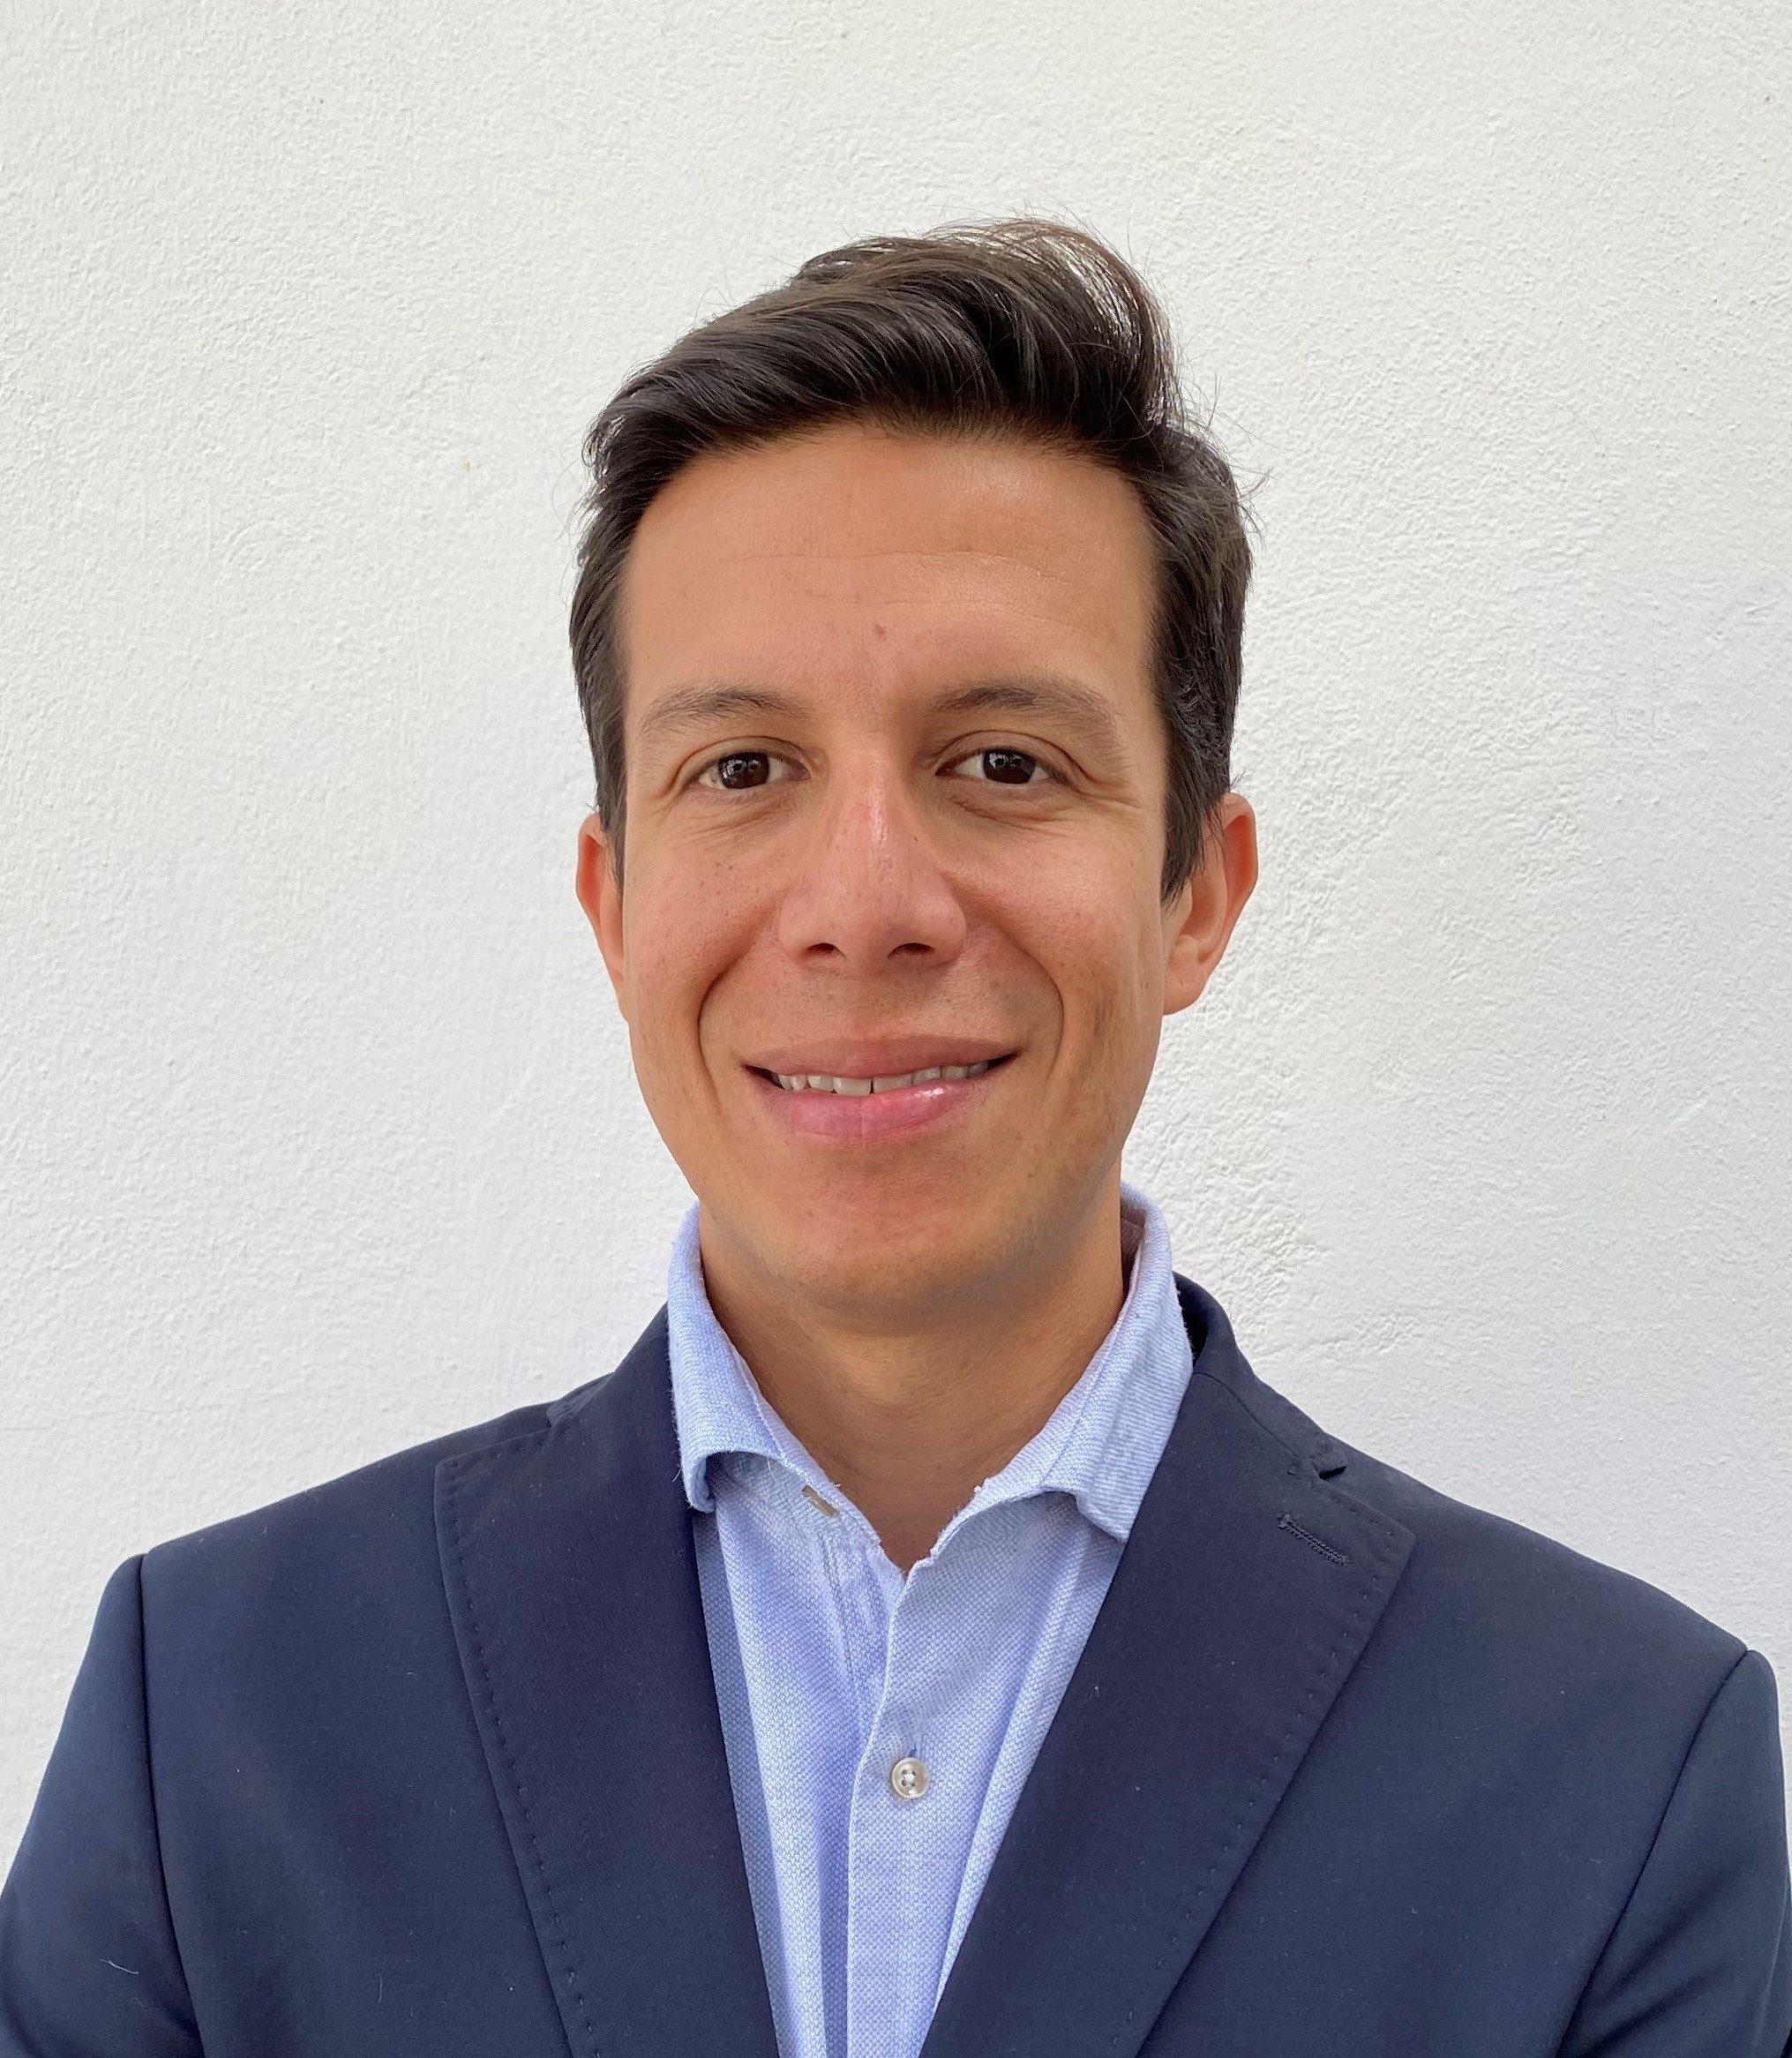 Daniel Benitez